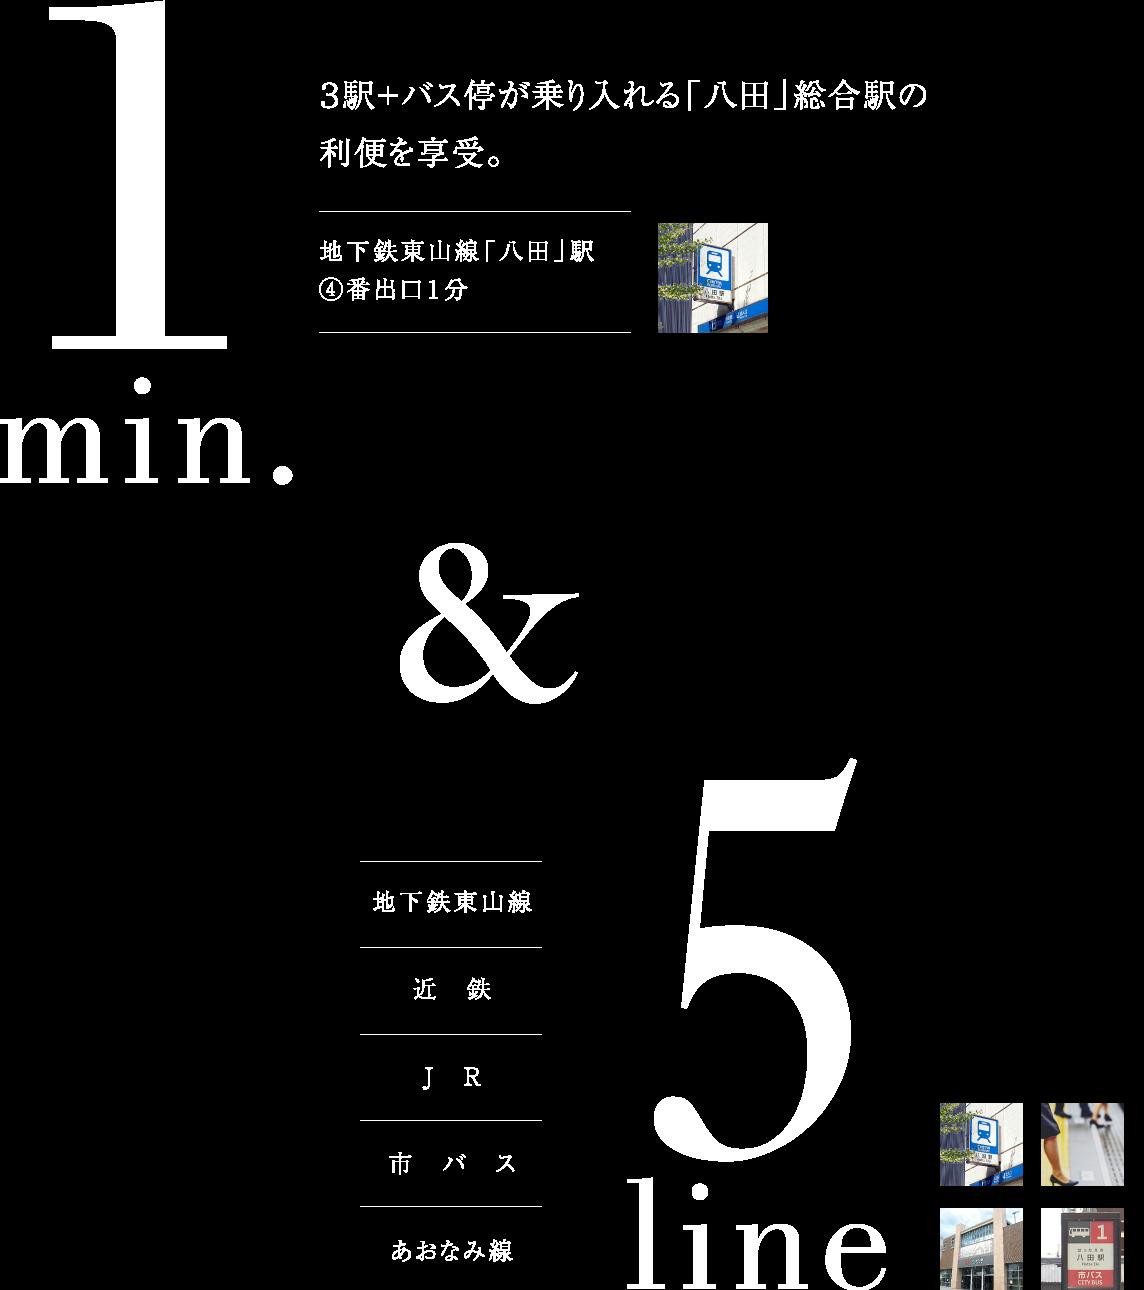 イワクラゴールデンホームのカルティア八田ステーションフロントから八田駅への距離や時間